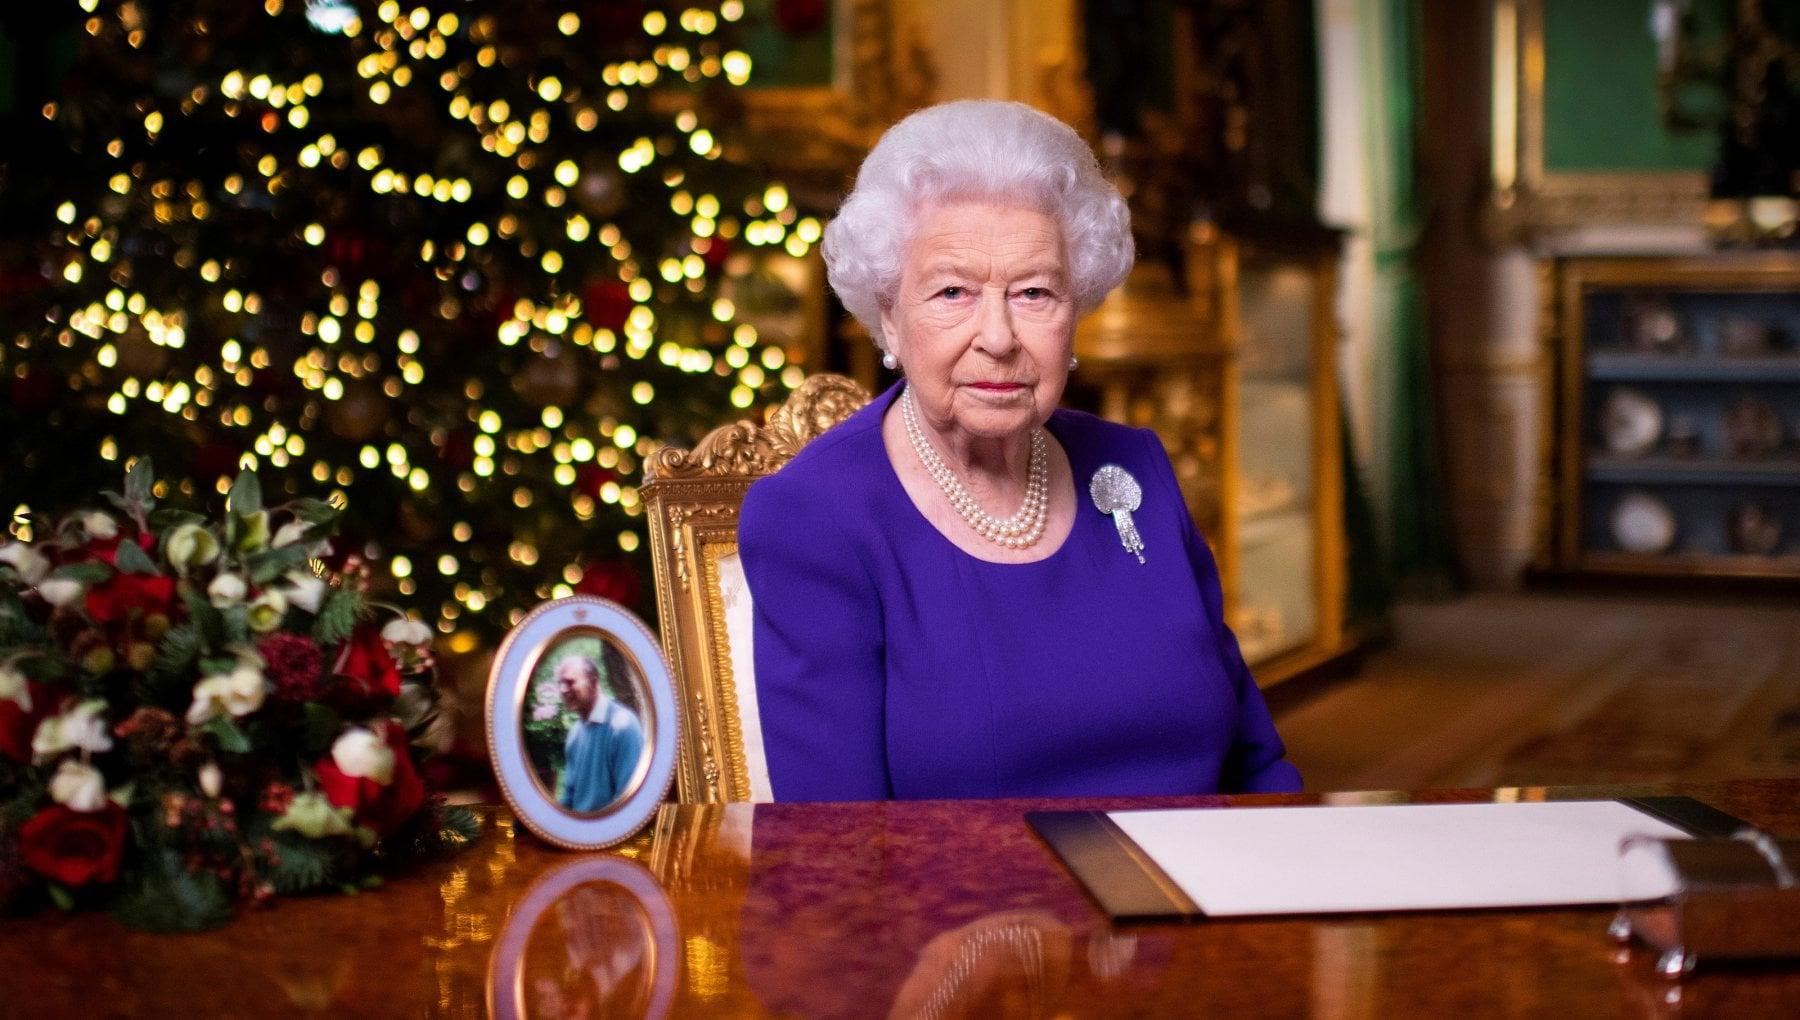 """170410028 921f45d5 22fe 4812 a435 b3f64ea97f12 - Dalla regina Elisabetta il discorso alla nazione dal castello di Windsor: """"Che la speranza ci guidi nei tempi a venire"""""""